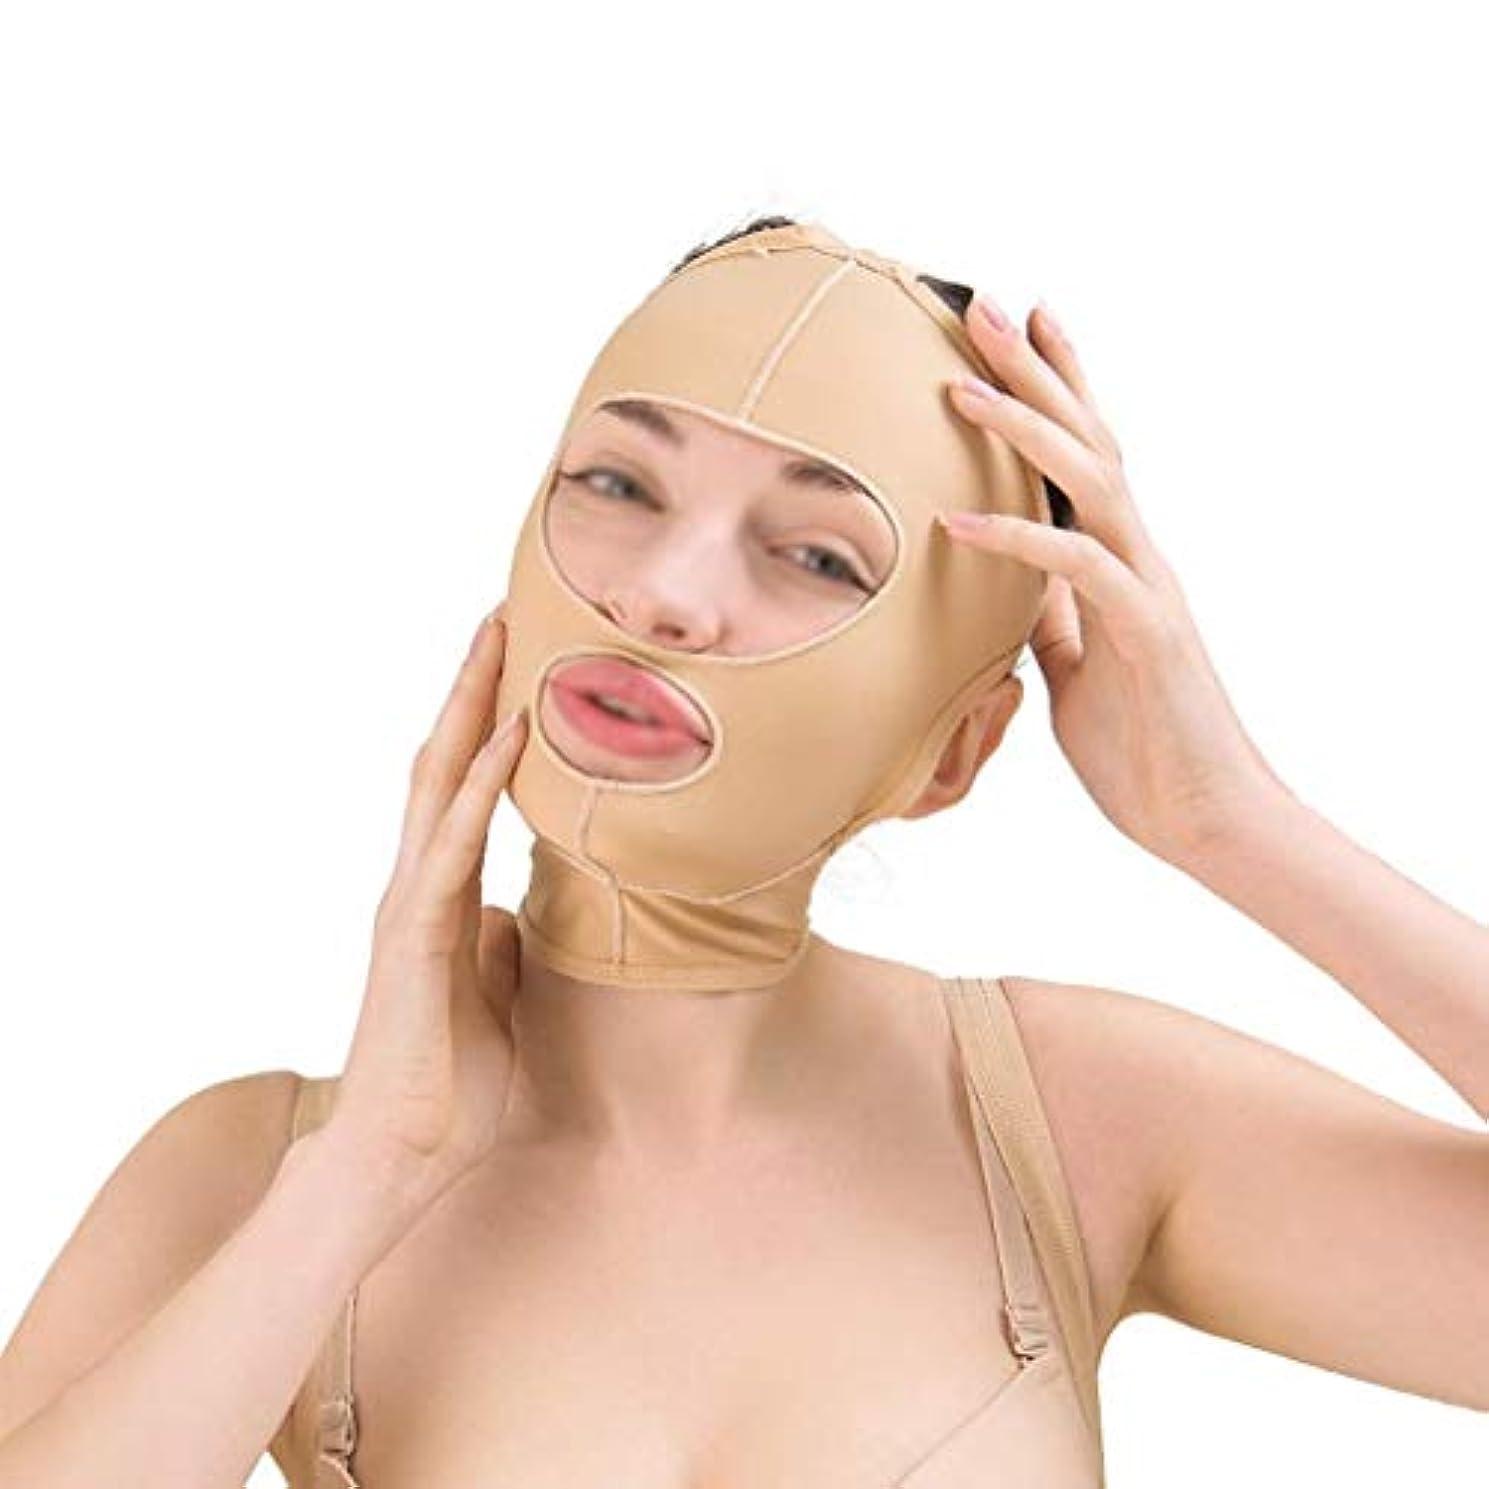 ラッチ終了する昇る美容フェイスリフト減量ベルト、ほおスリムフィット、通気性フェイスリフト、引き締め、リフティング包帯、フェイシャルスキン包帯(サイズ:M),XL